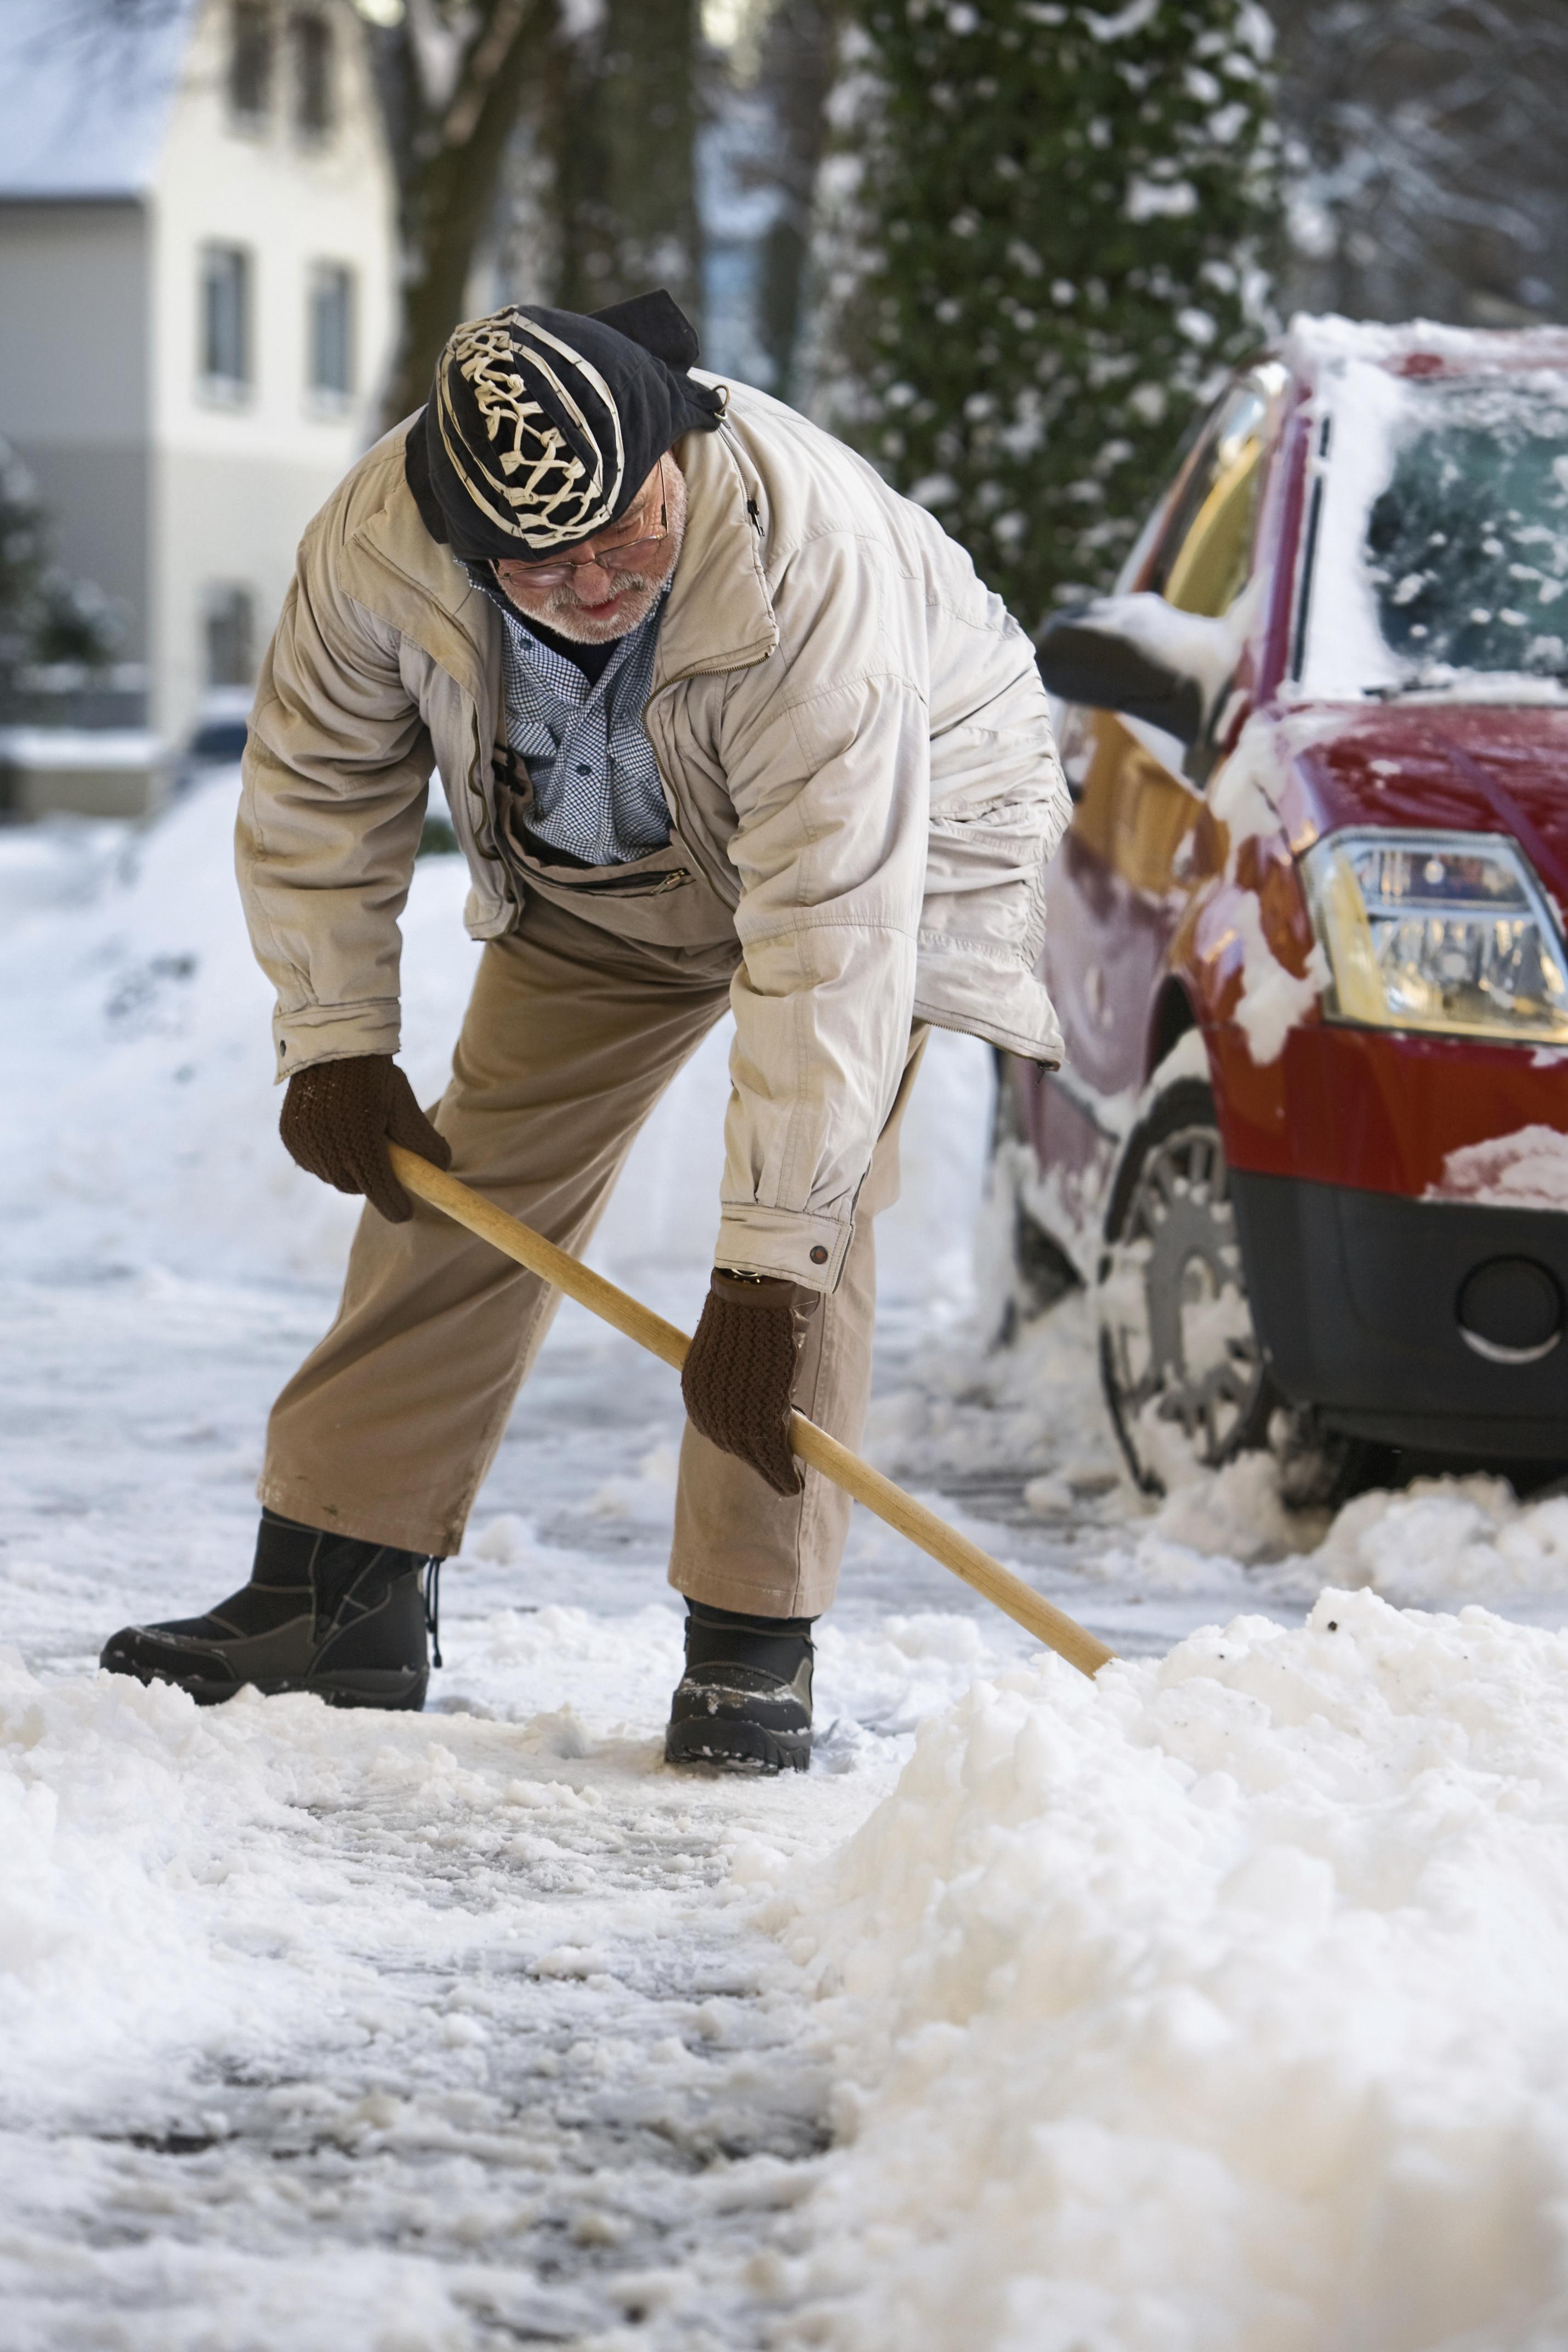 Older man shovelling snow